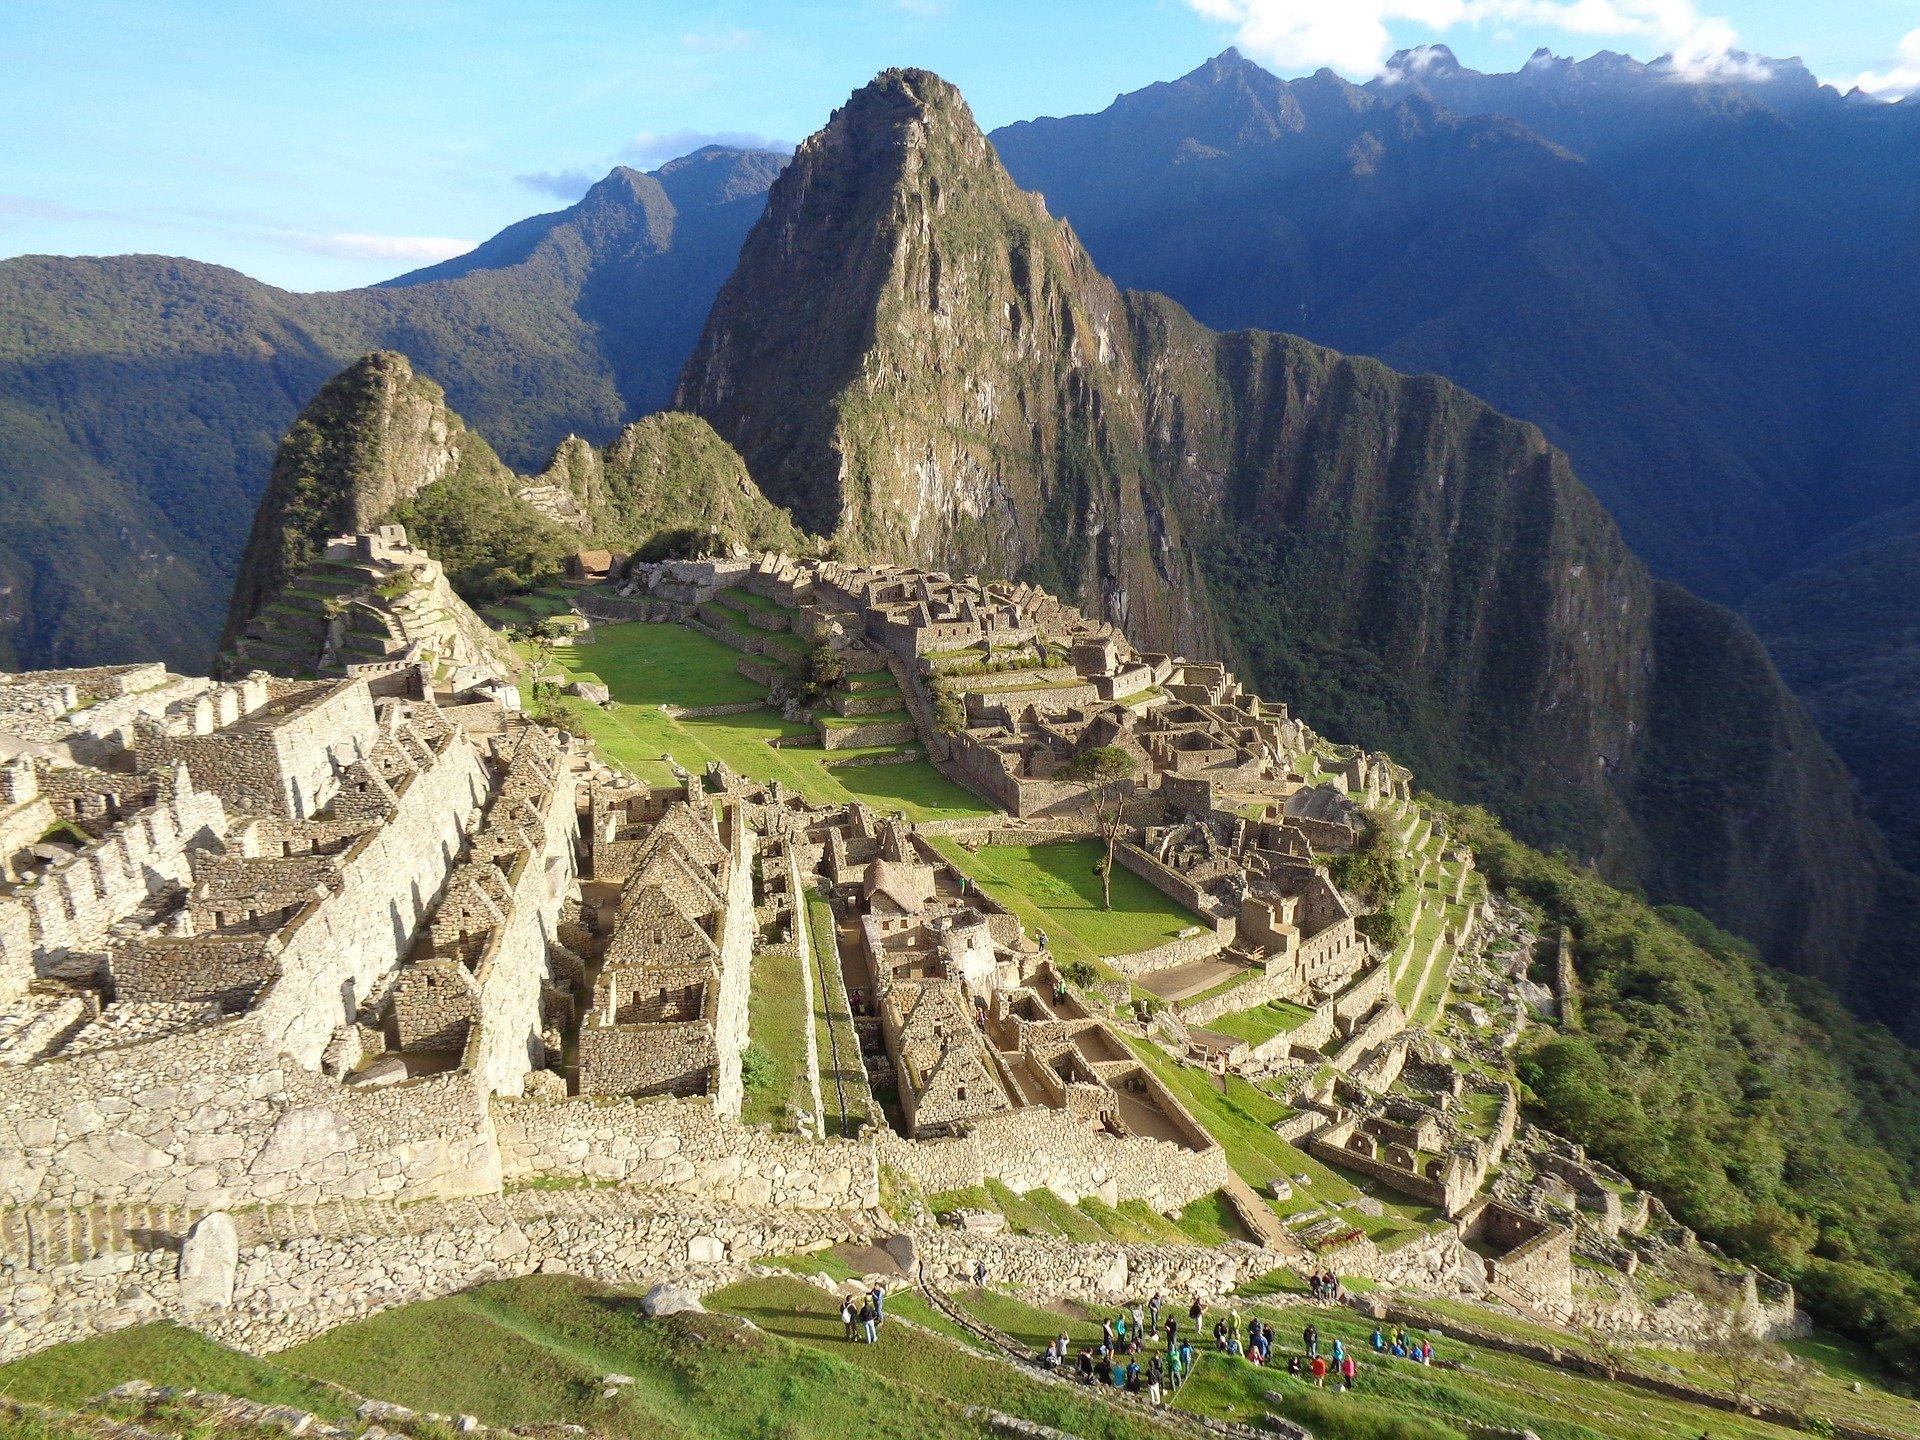 Das imposante Machu Picchu - Top 10 Sehenswürdigkeiten im Hochland Perus